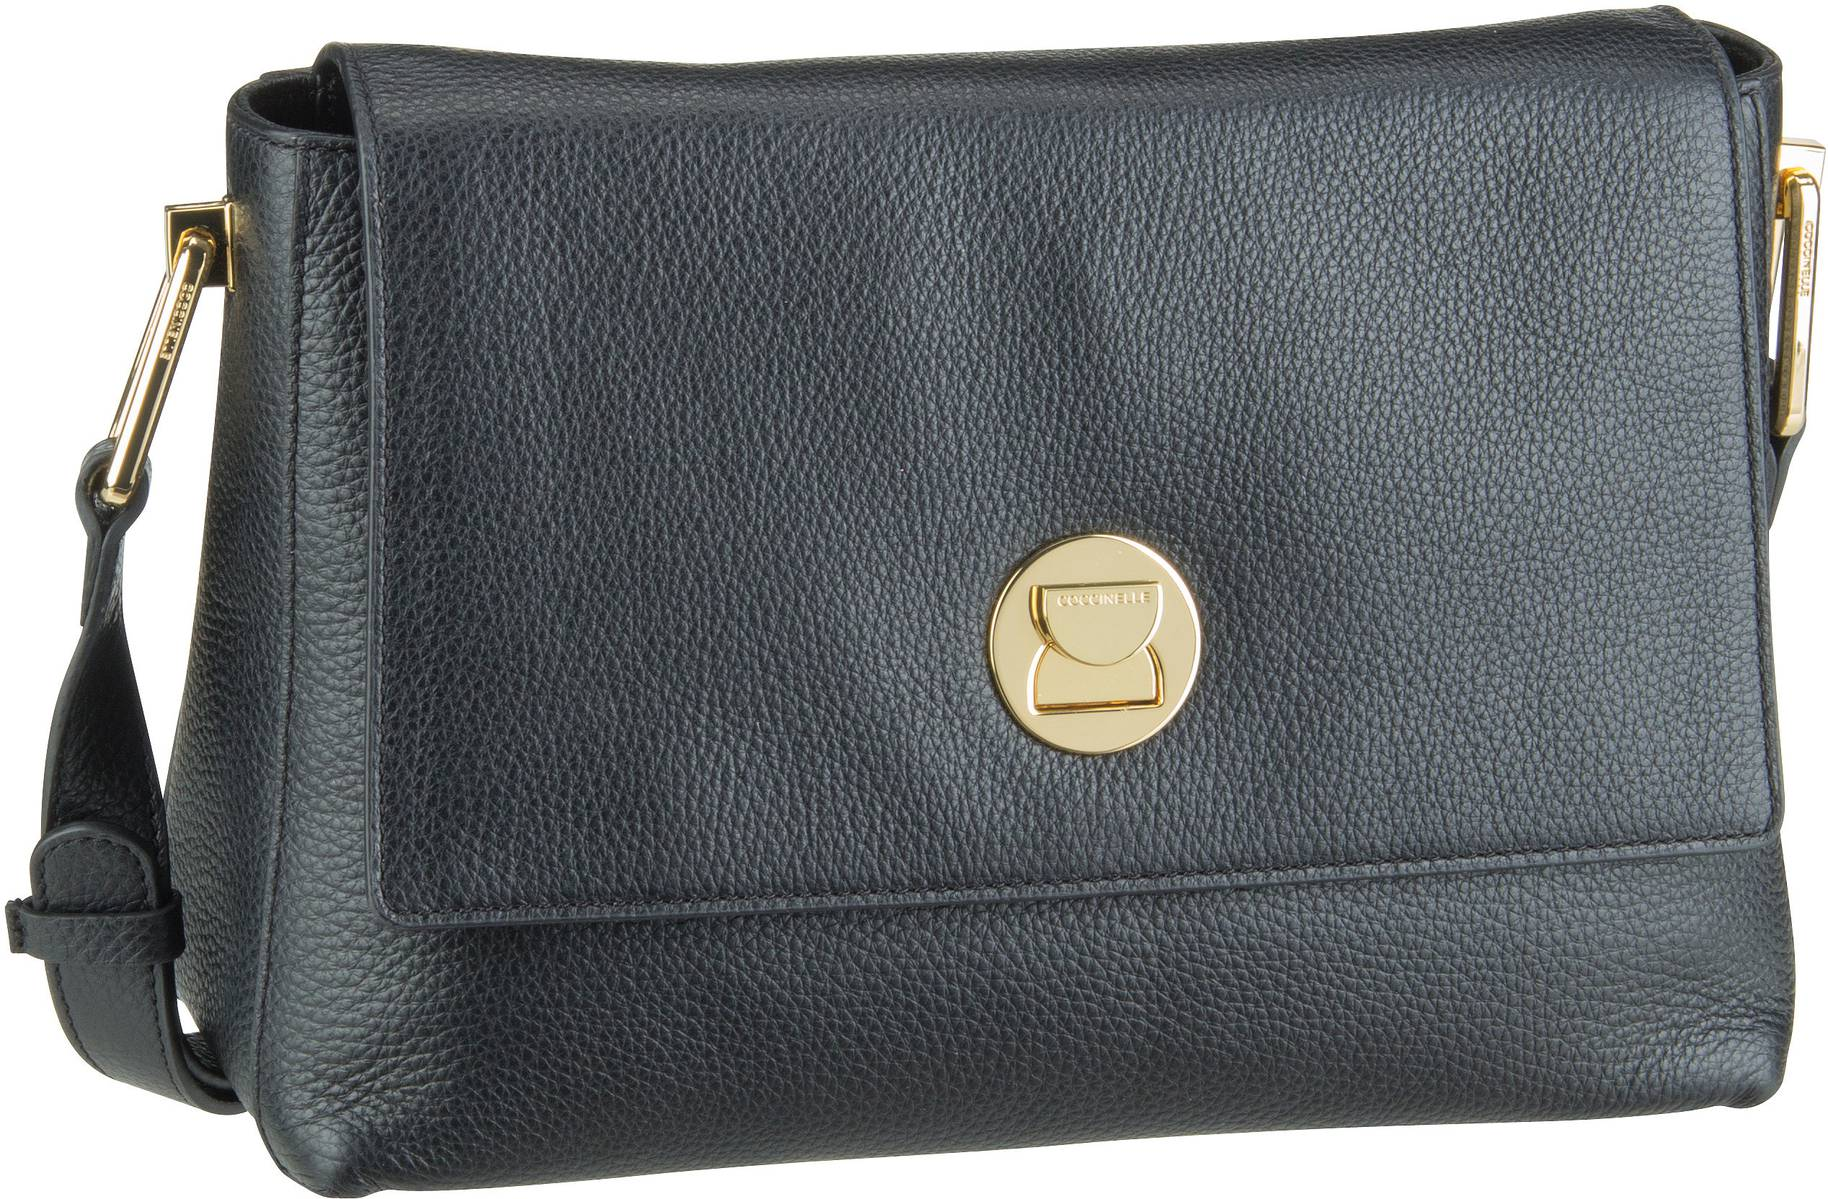 Handtasche Liya 1205 Nero